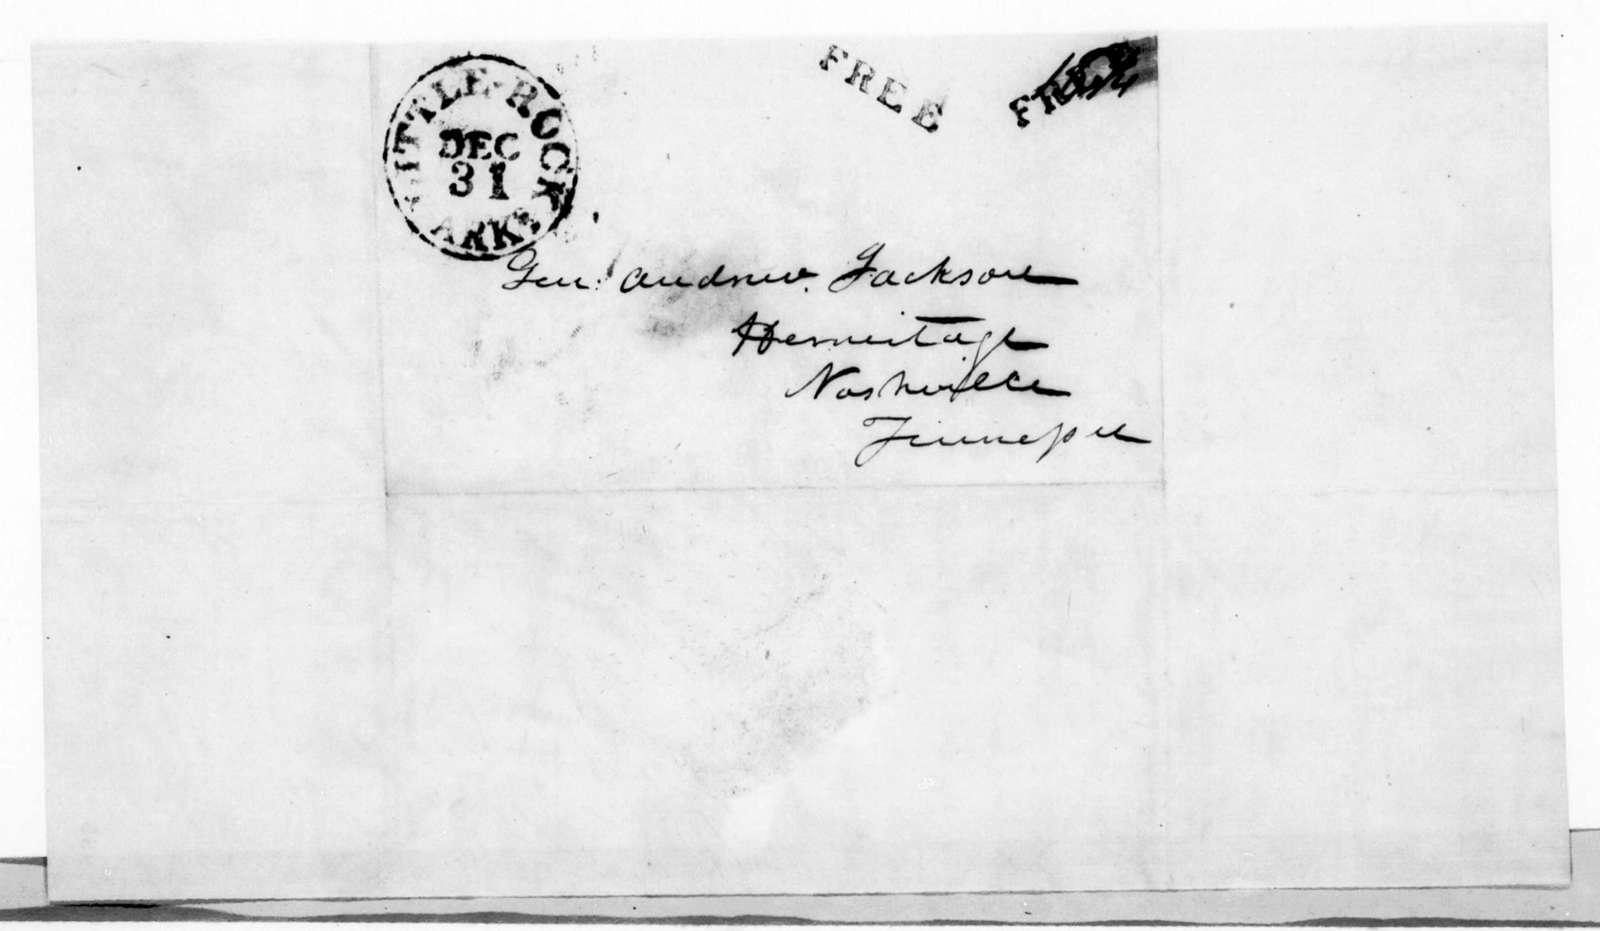 Thomas Mann Randolph Bankhead to Andrew Jackson, December 30, 1844